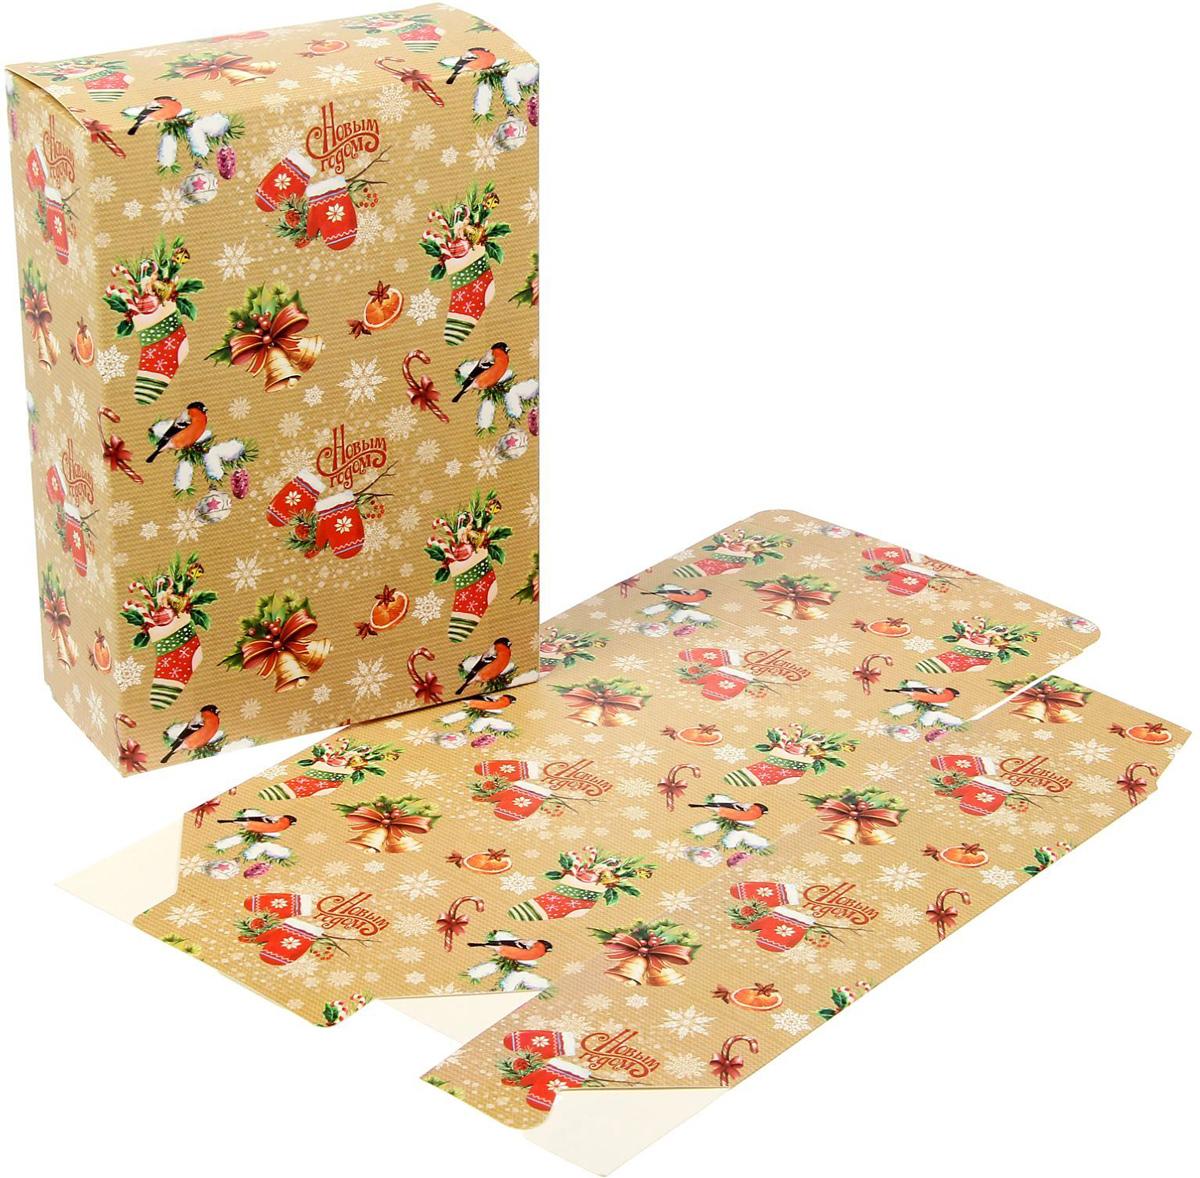 Коробка складная Sima-land Уютный новый год, 16 х 23 х 7,5 см1383904Любой подарок начинается с упаковки. Что может быть трогательнее и волшебнее, чем ритуал разворачивания полученного презента. И именно оригинальная, со вкусом выбранная упаковка выделит ваш подарок из массы других. Подарочная коробка Sima-land продемонстрирует самые теплые чувства к виновнику торжества и создаст сказочную атмосферу праздника.